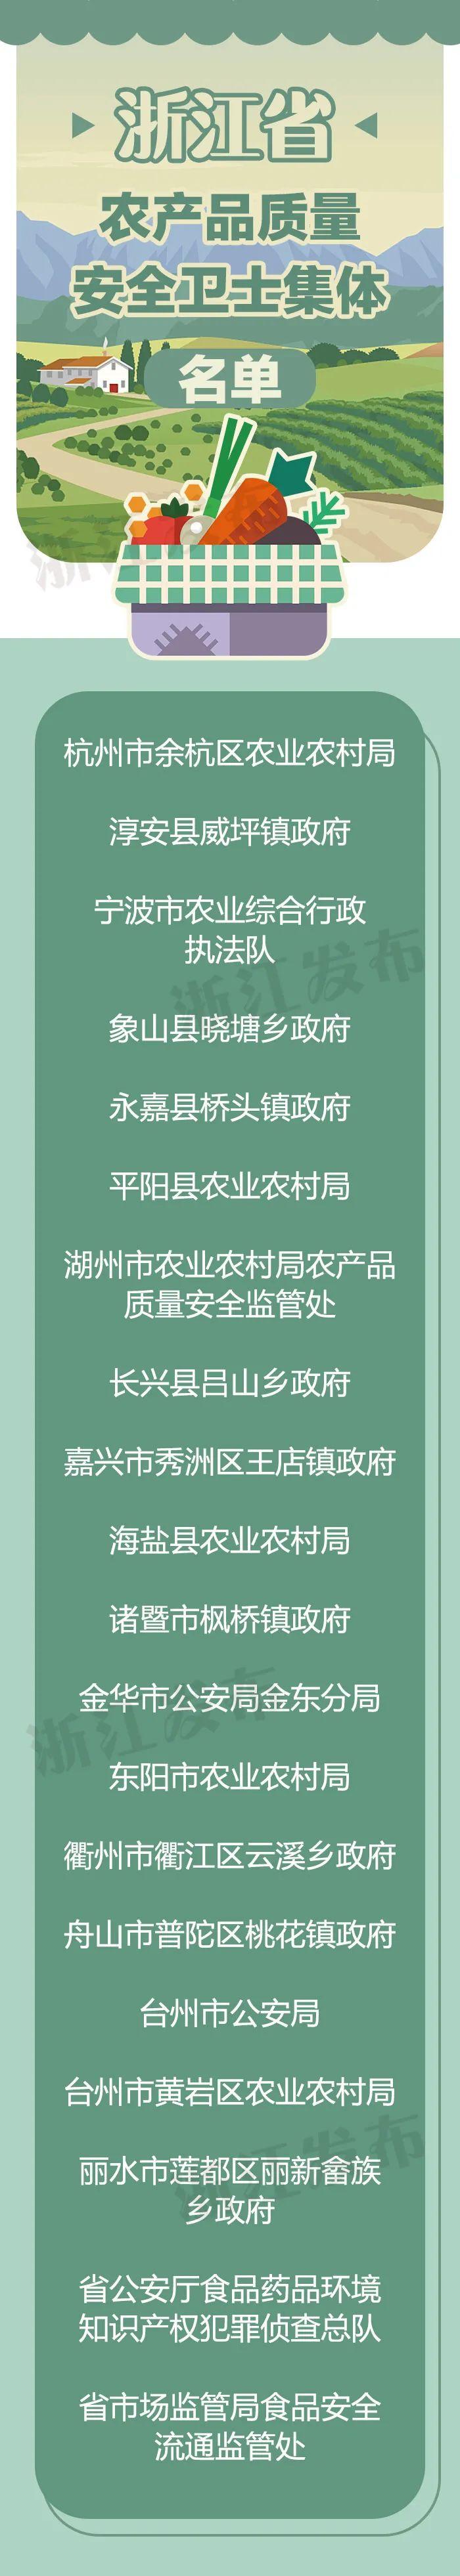 为他们点赞!浙江45个集体、170名个人获省政府通报表扬